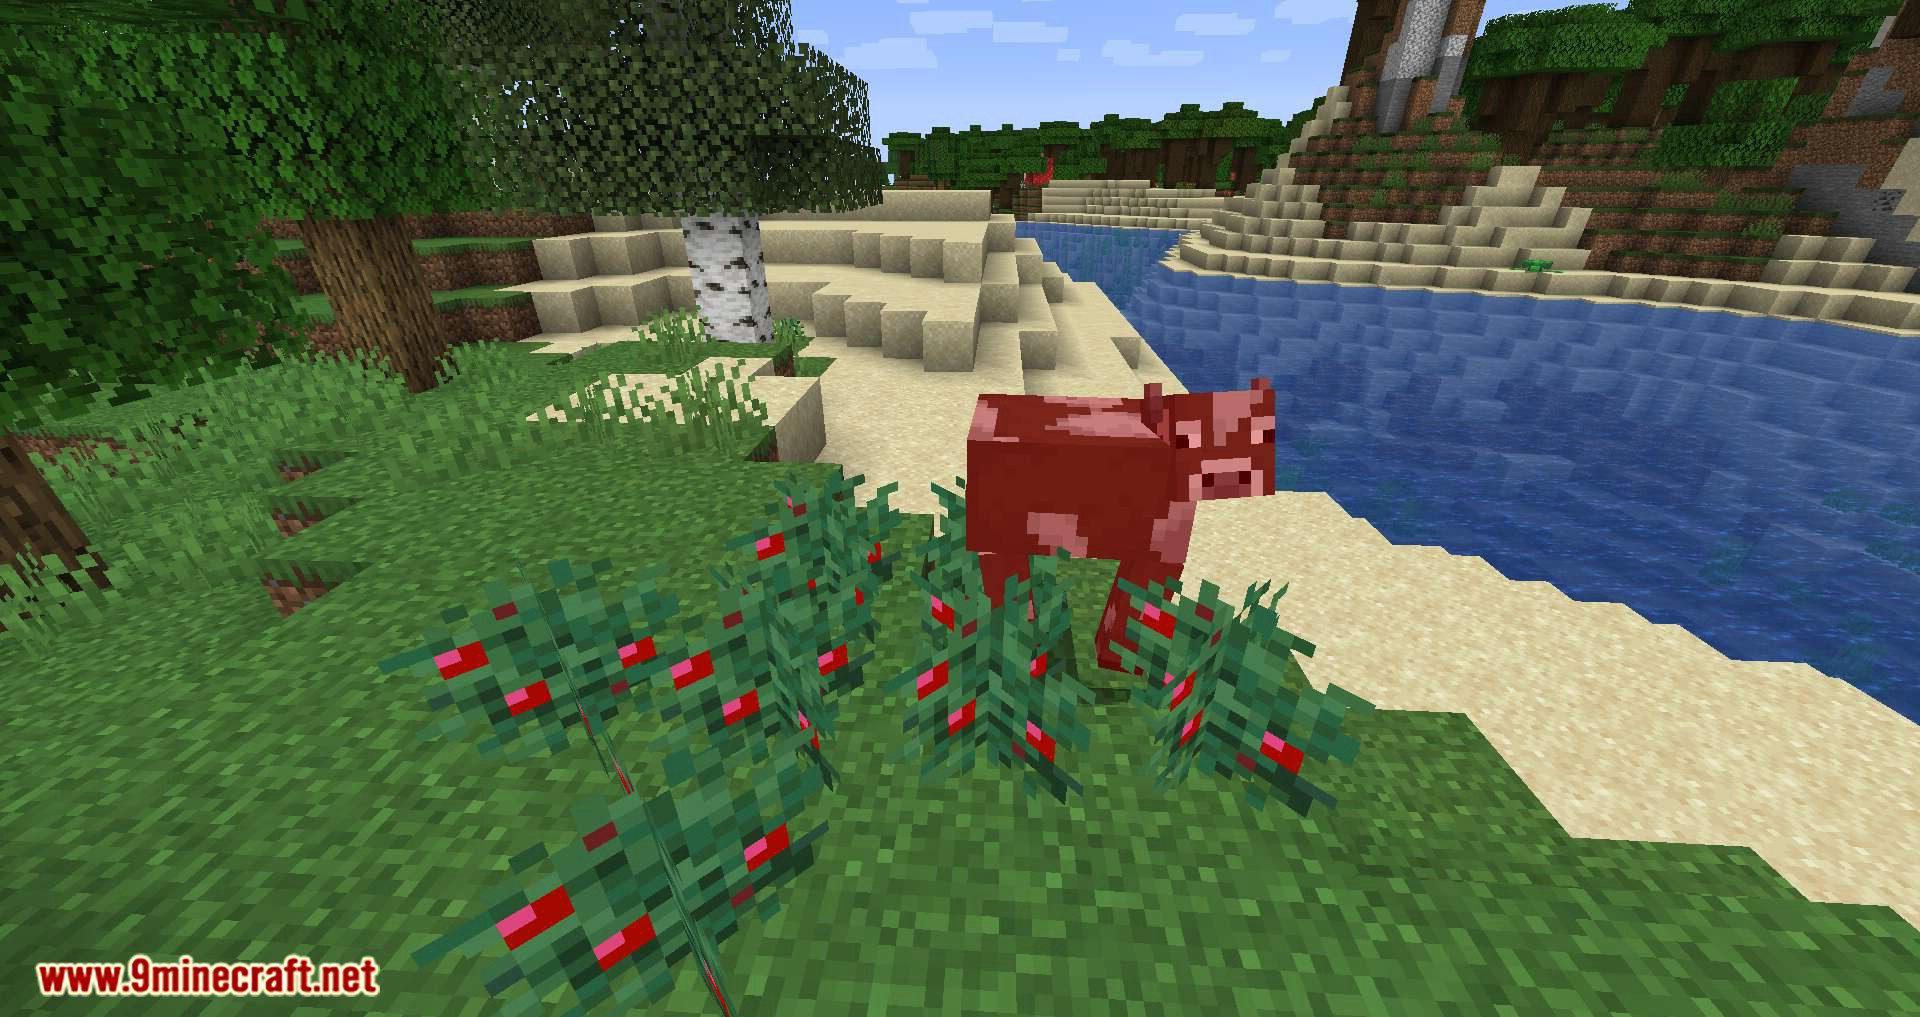 Walk Through Berries mod for minecraft 02